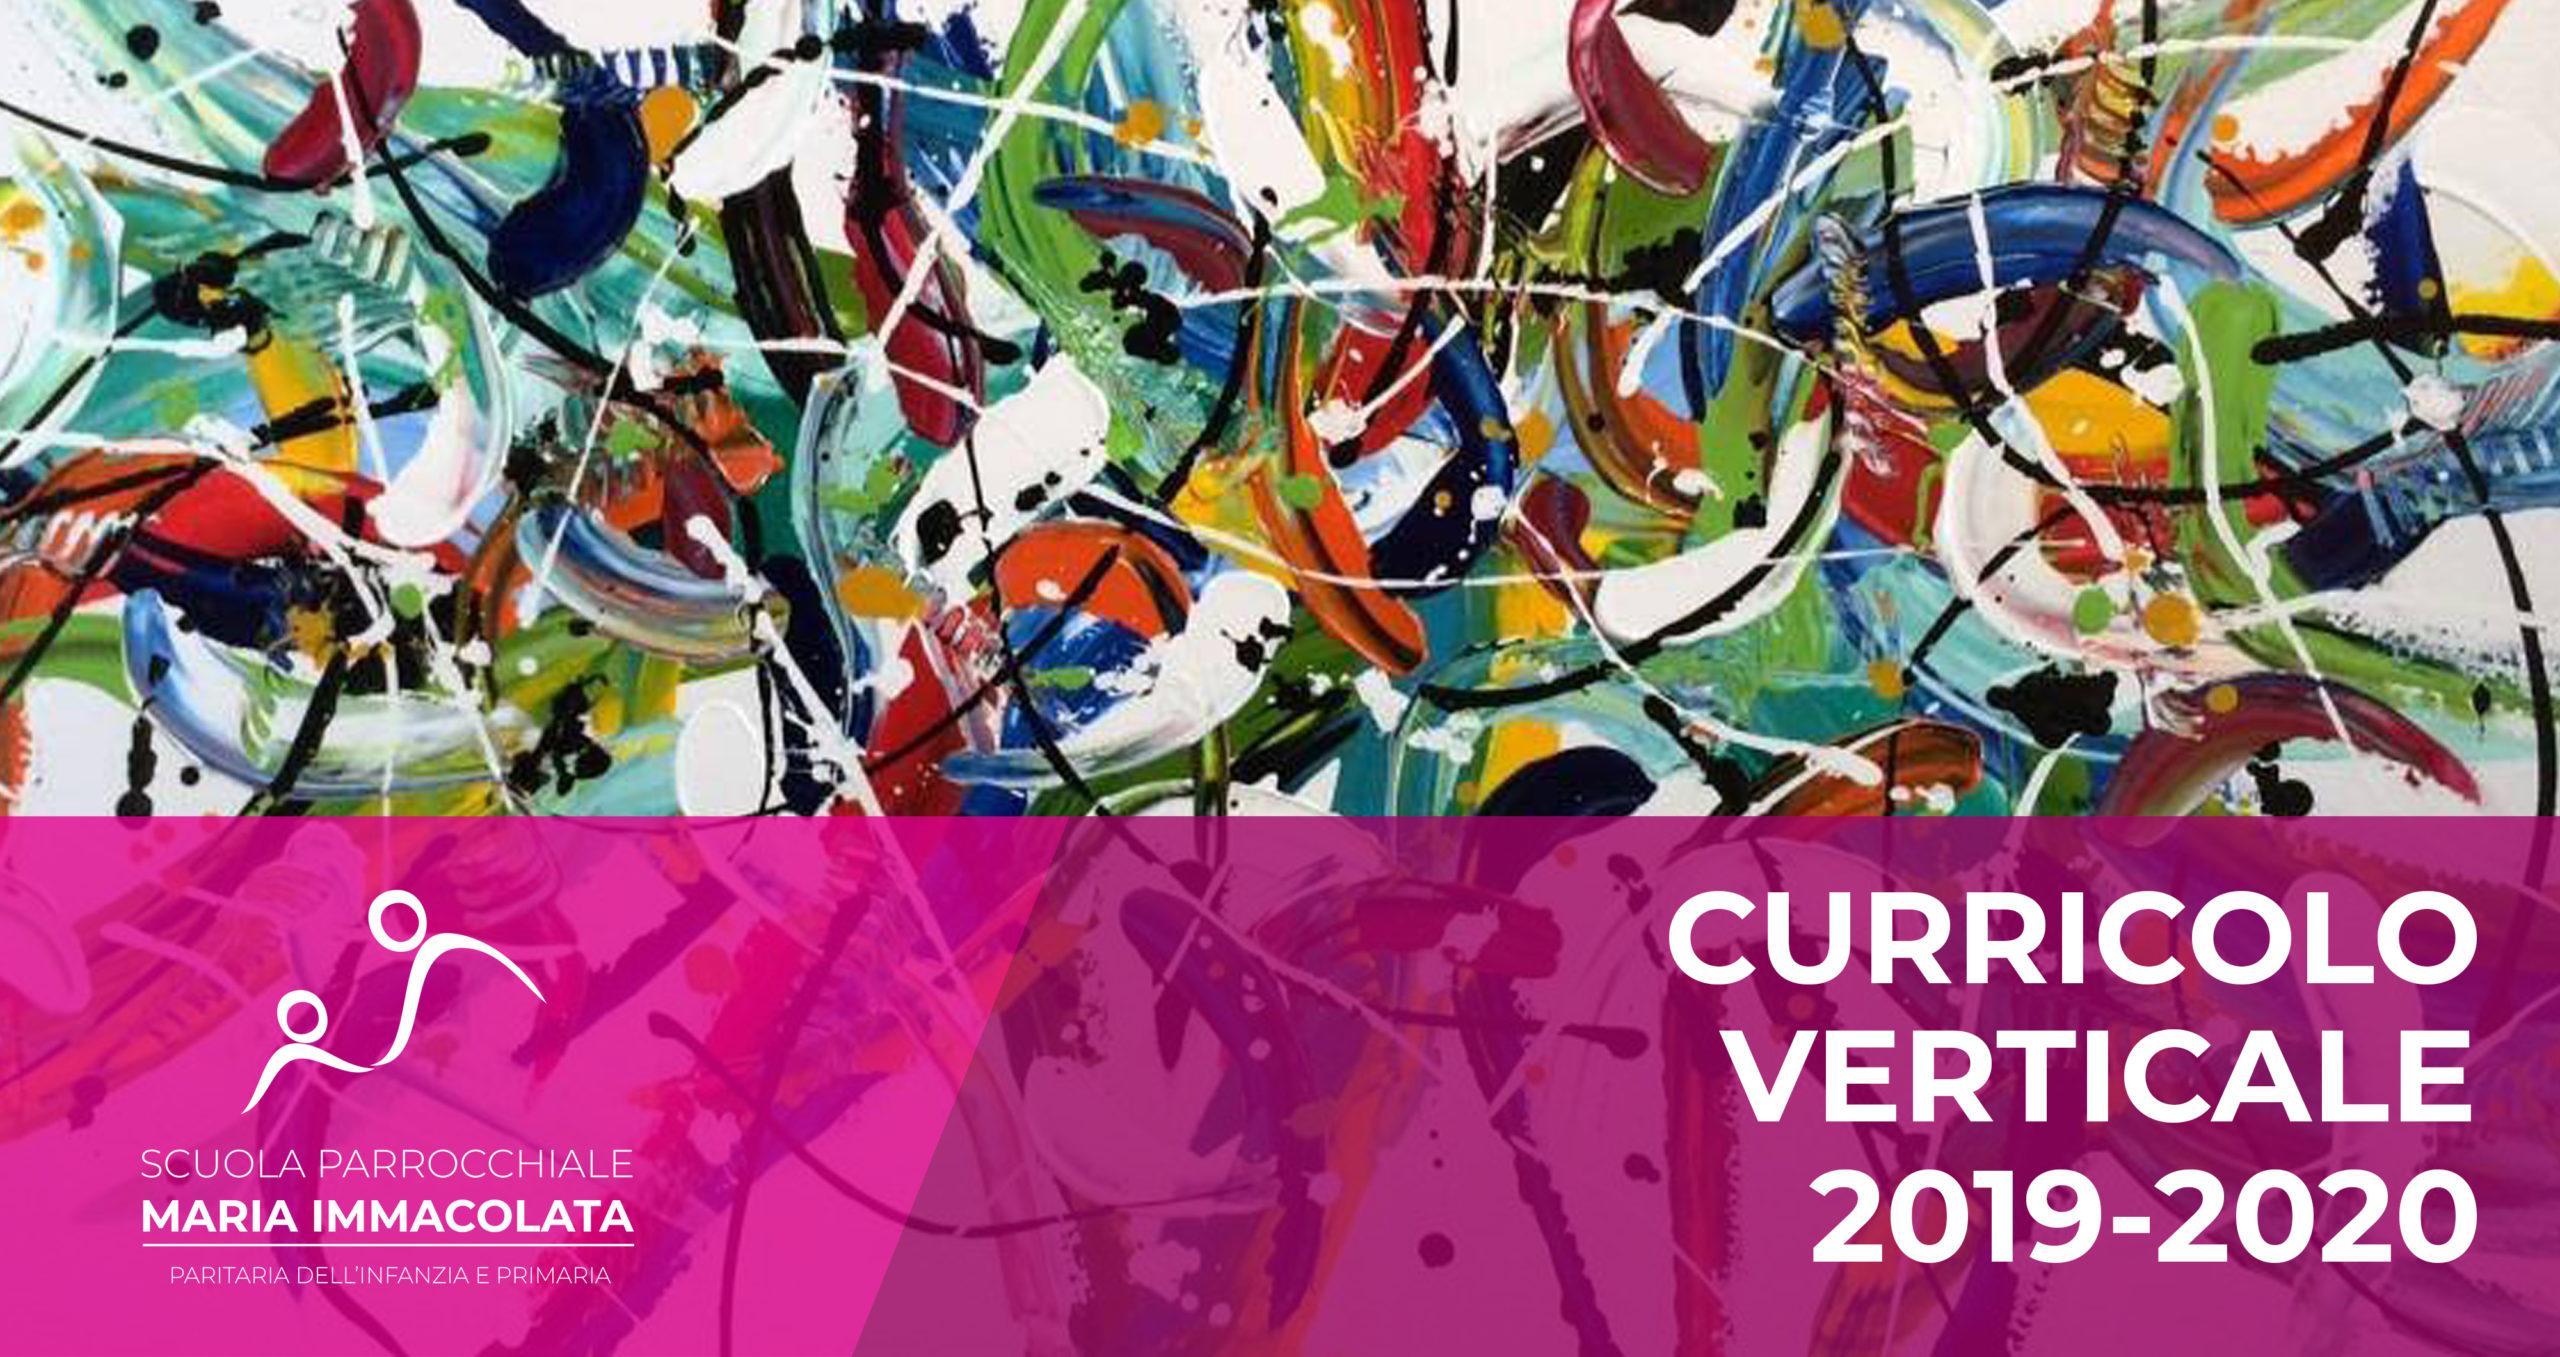 Curricolo Verticale 2019-2020